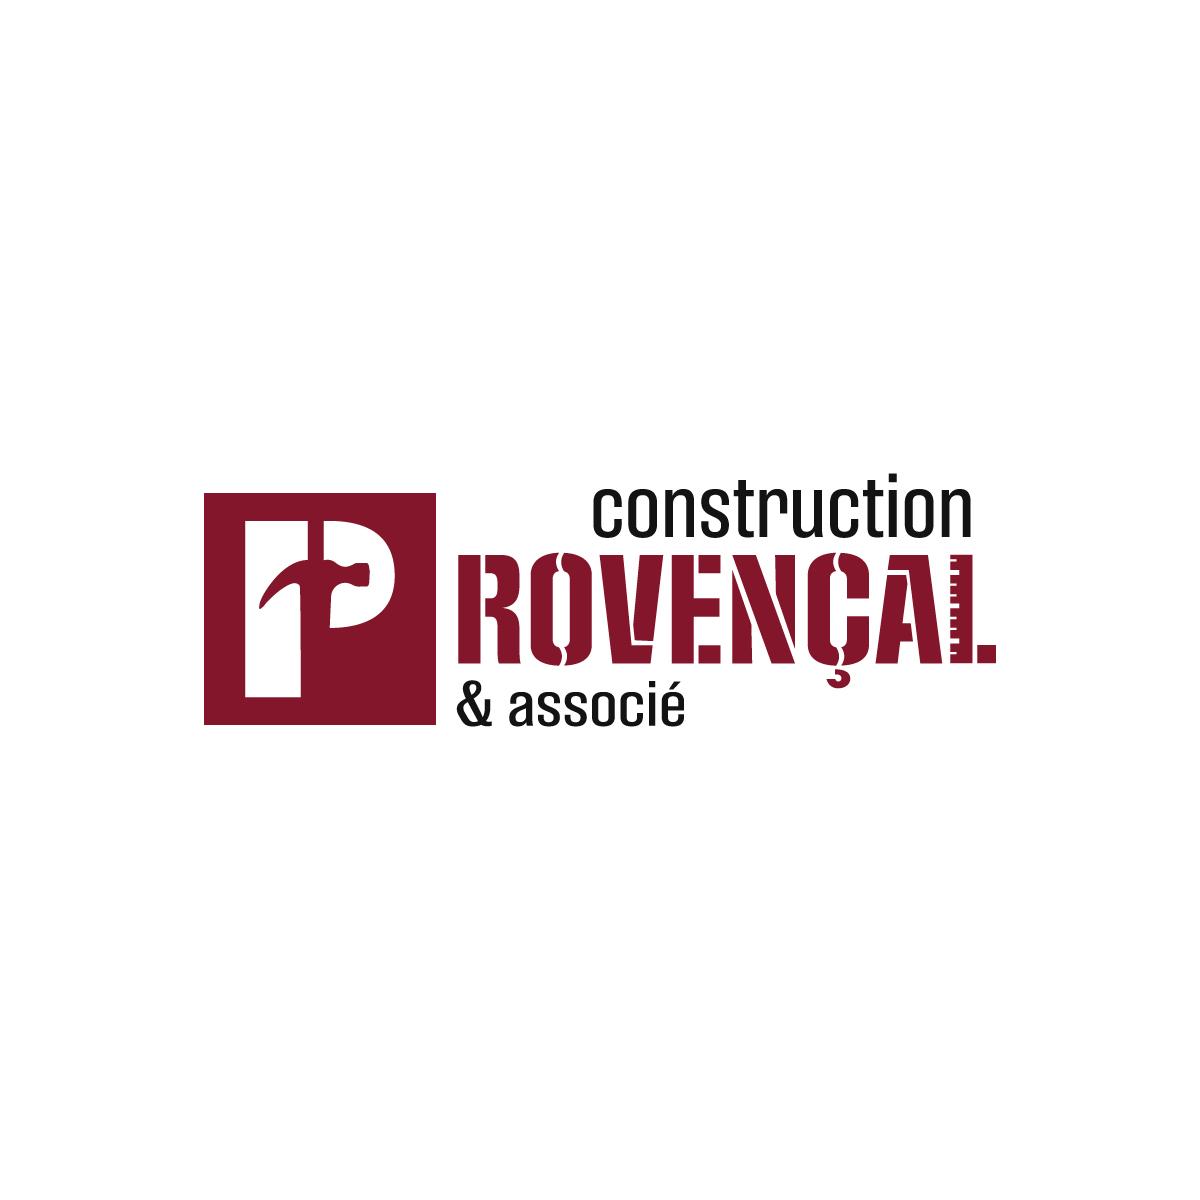 Construction Provençal identité visuelle